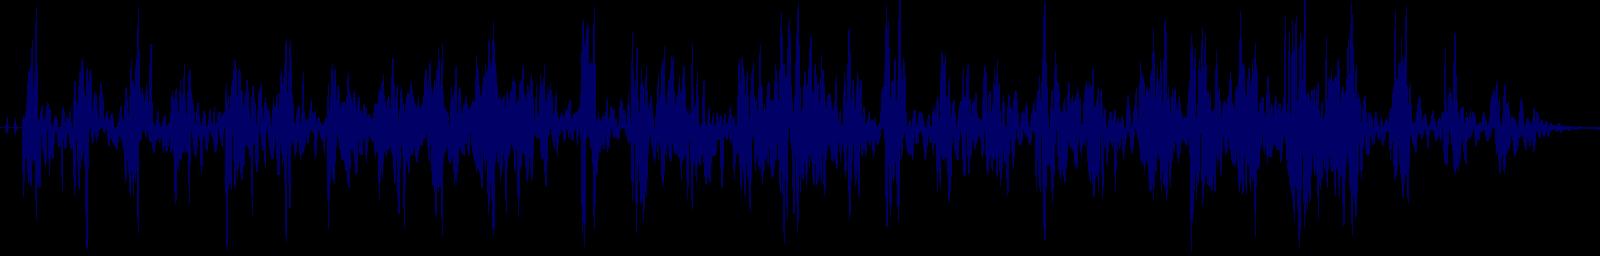 waveform of track #151217